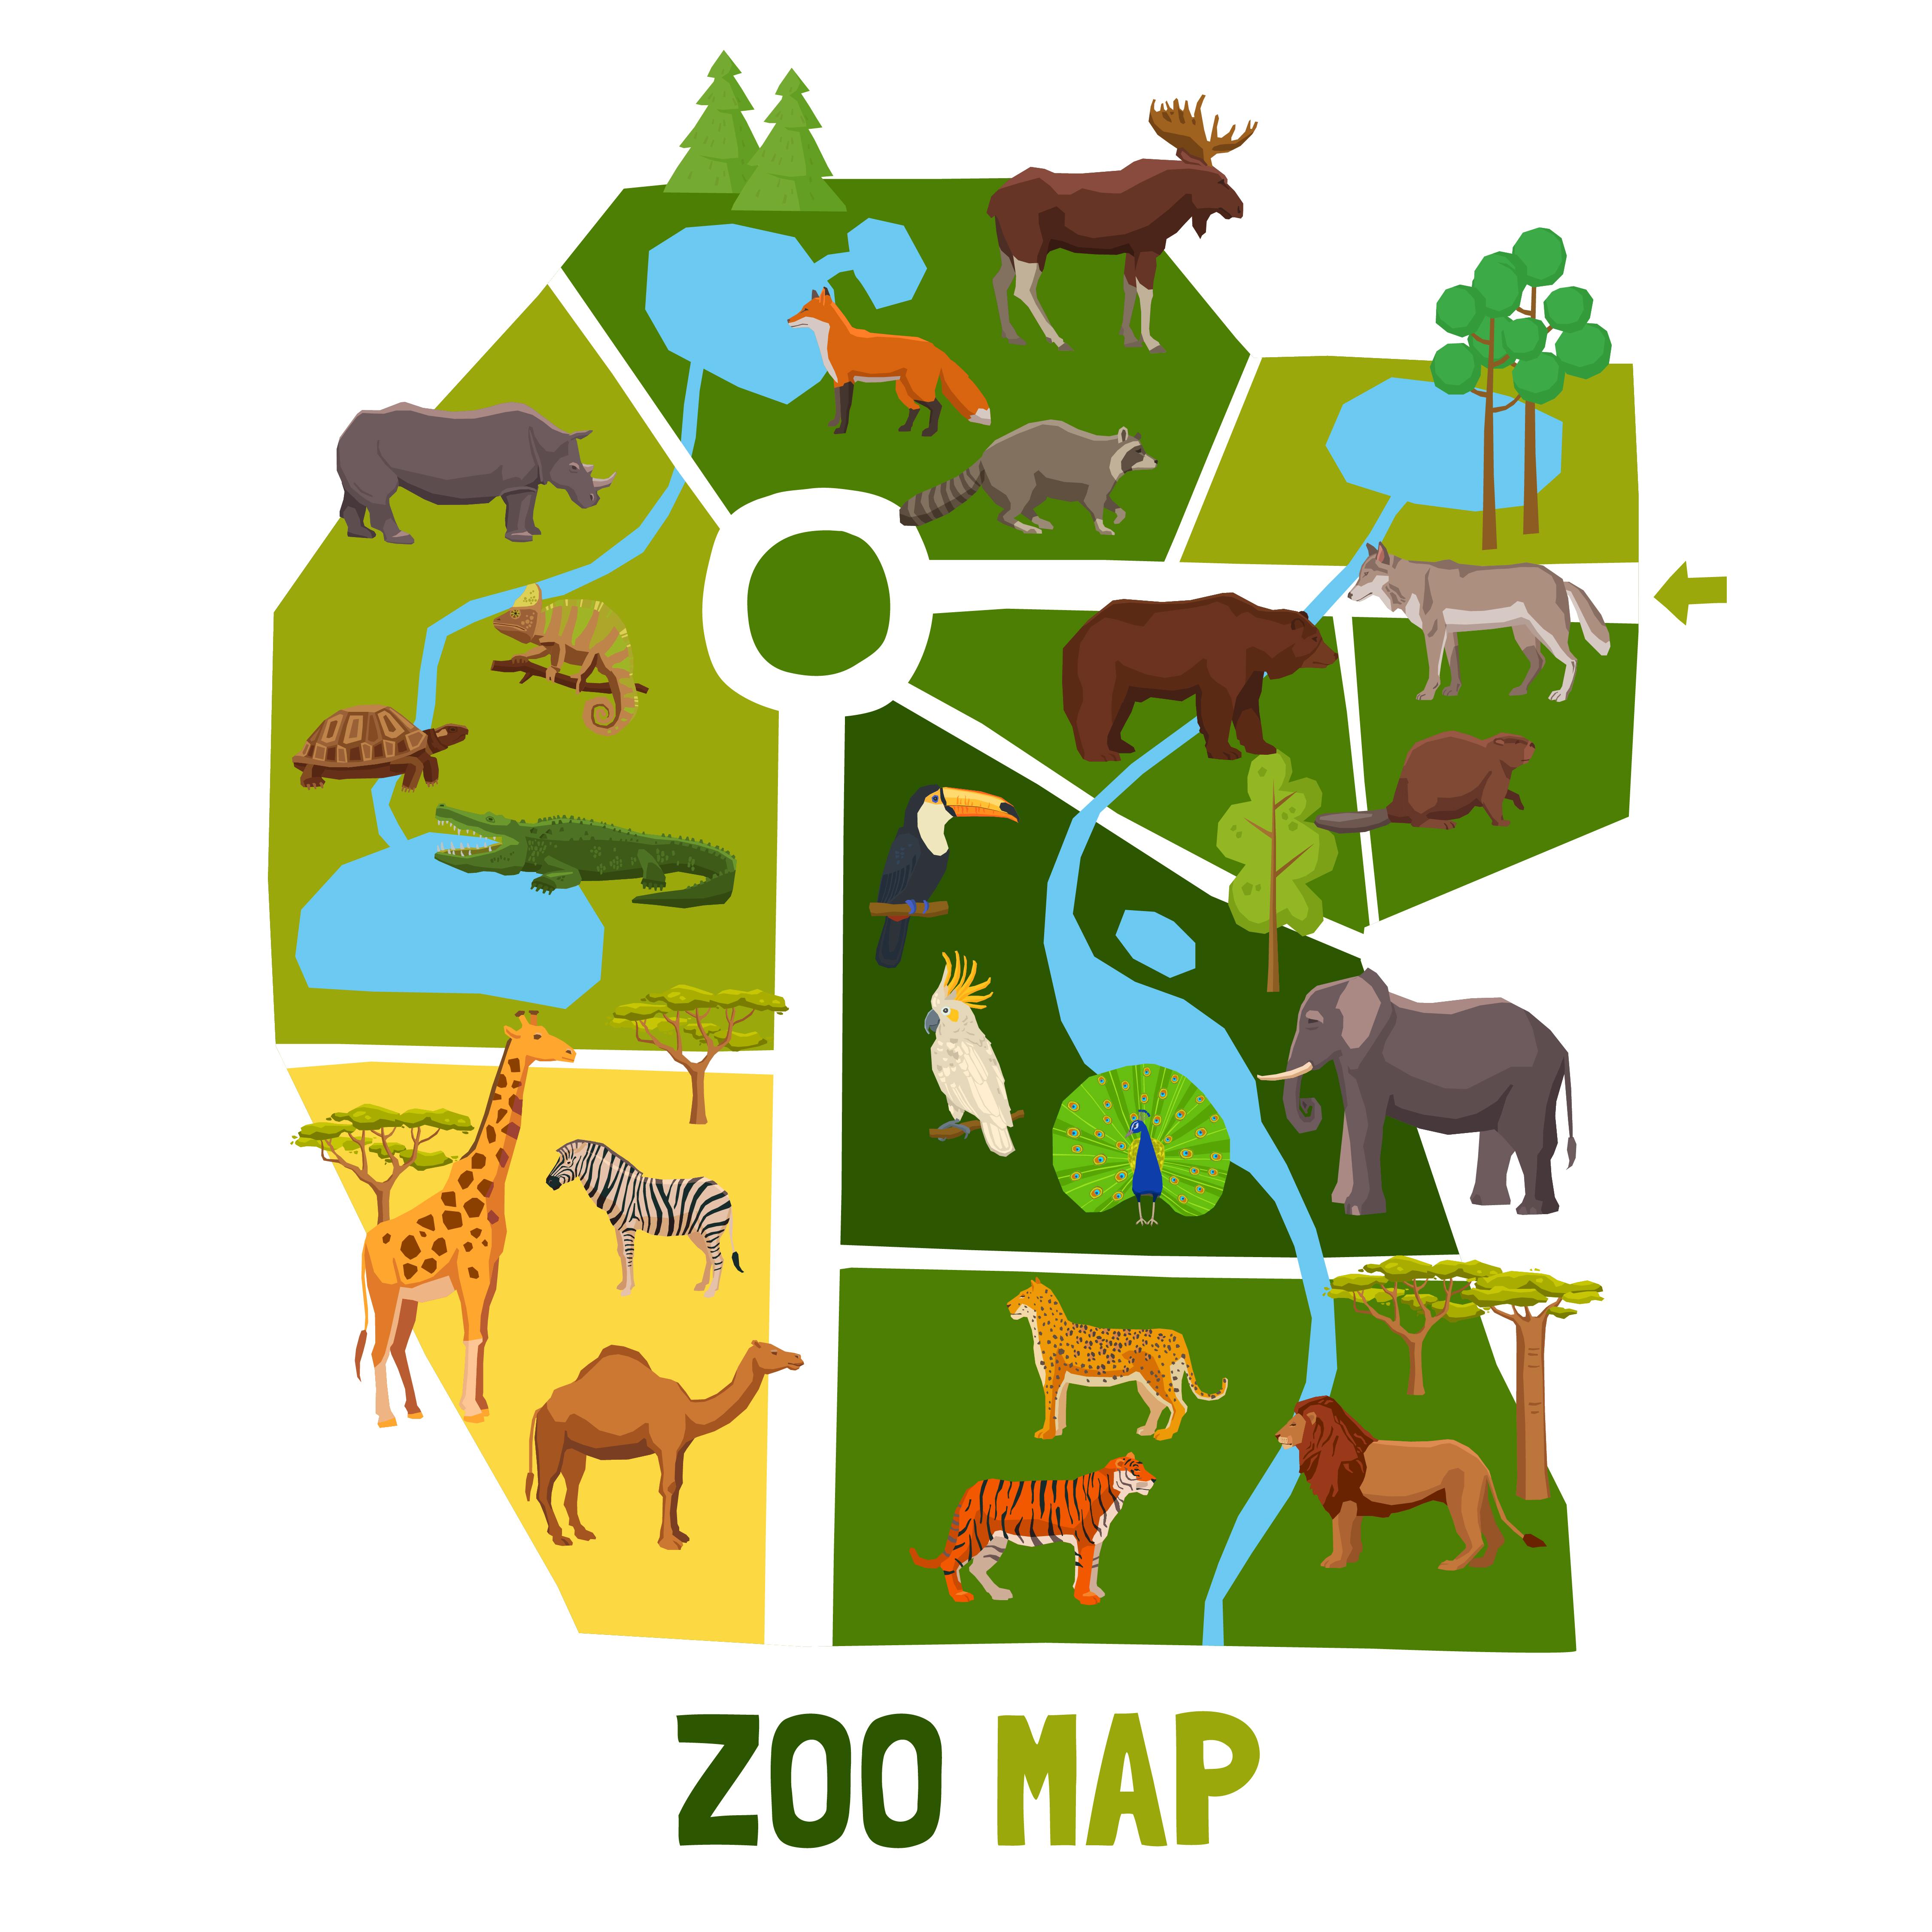 Zoo Dessin Anime Avec Animaux Telecharger Vectoriel Gratuit Clipart Graphique Vecteur Dessins Et Pictogramme Gratuit